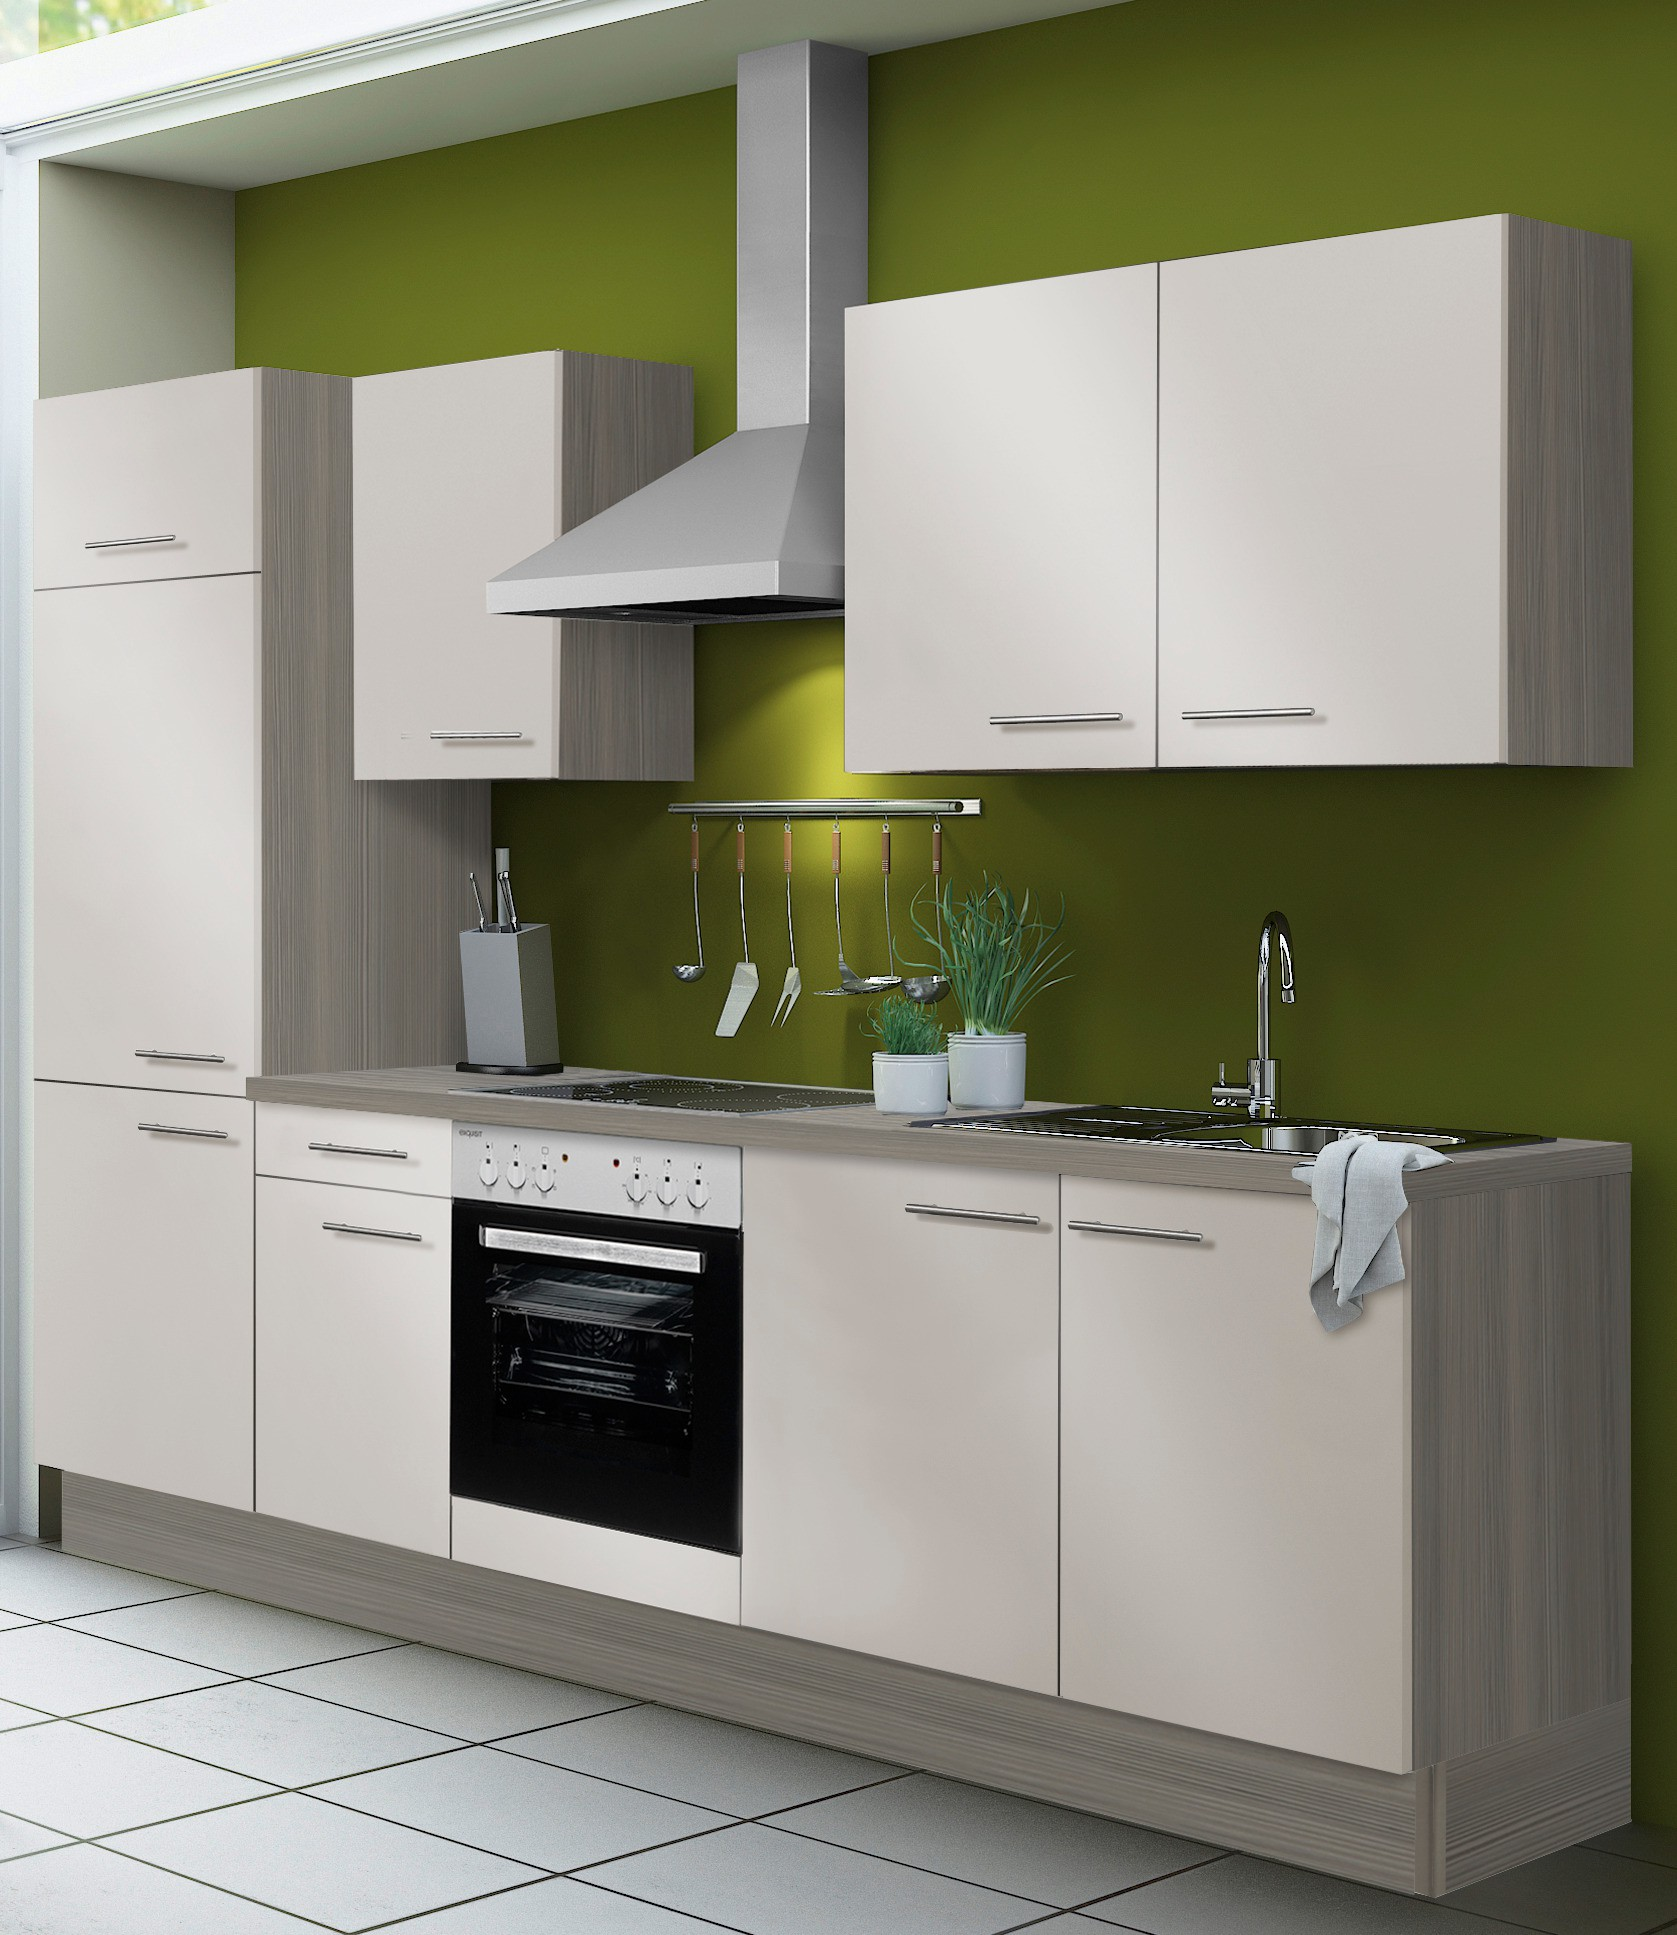 k chenzeile cadiz vario 2 k che mit e ger ten breite. Black Bedroom Furniture Sets. Home Design Ideas